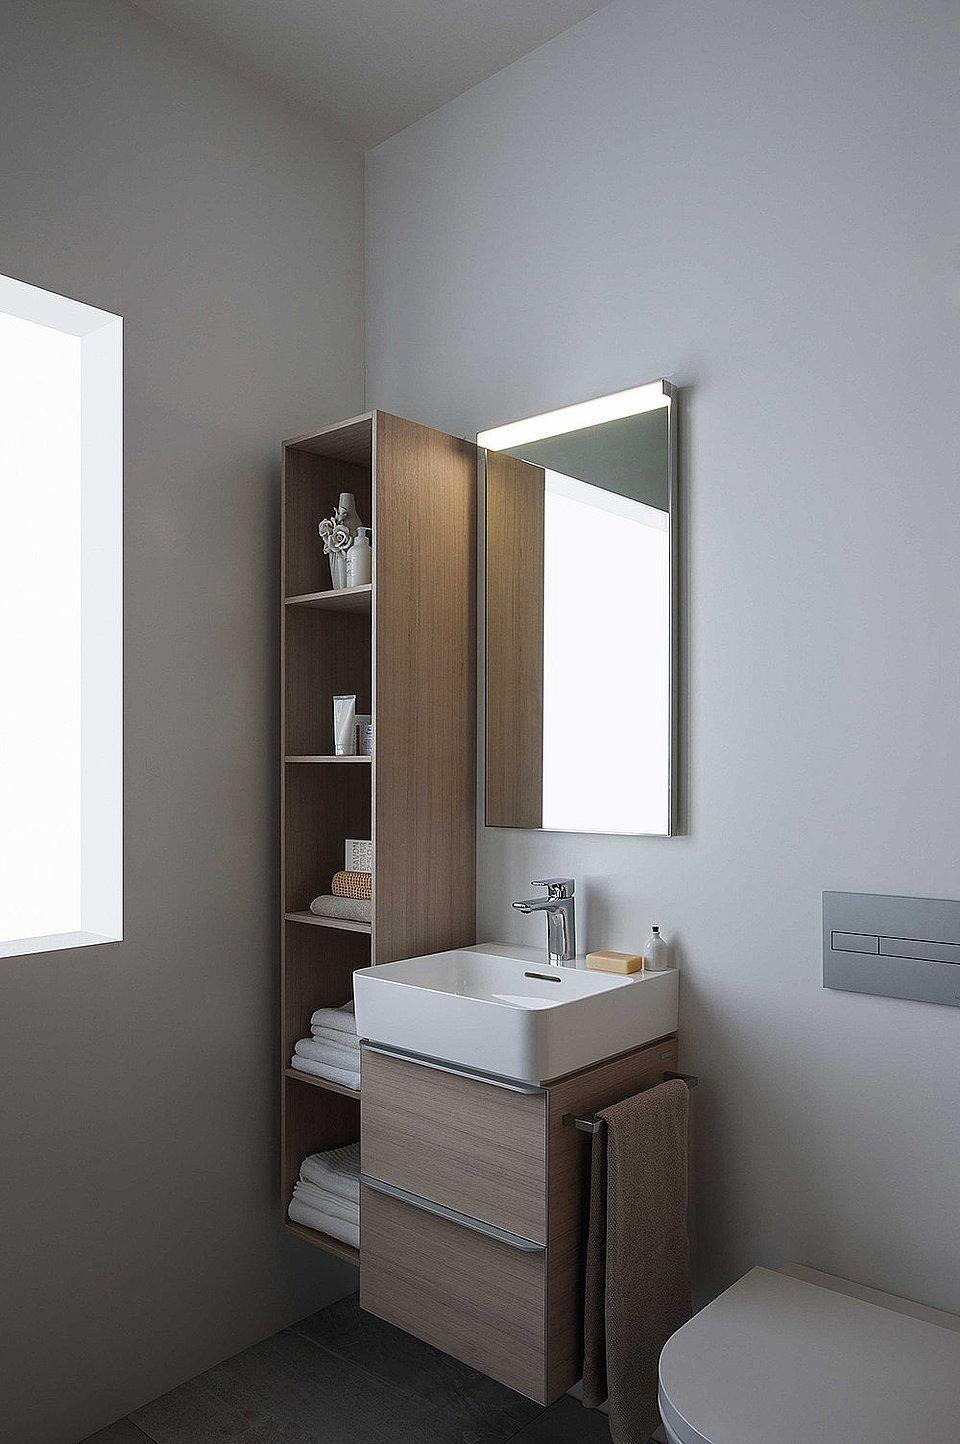 Bäder nach Größe: Vom kleinen Bad bis zum großen Badezimmer | Bäder ...